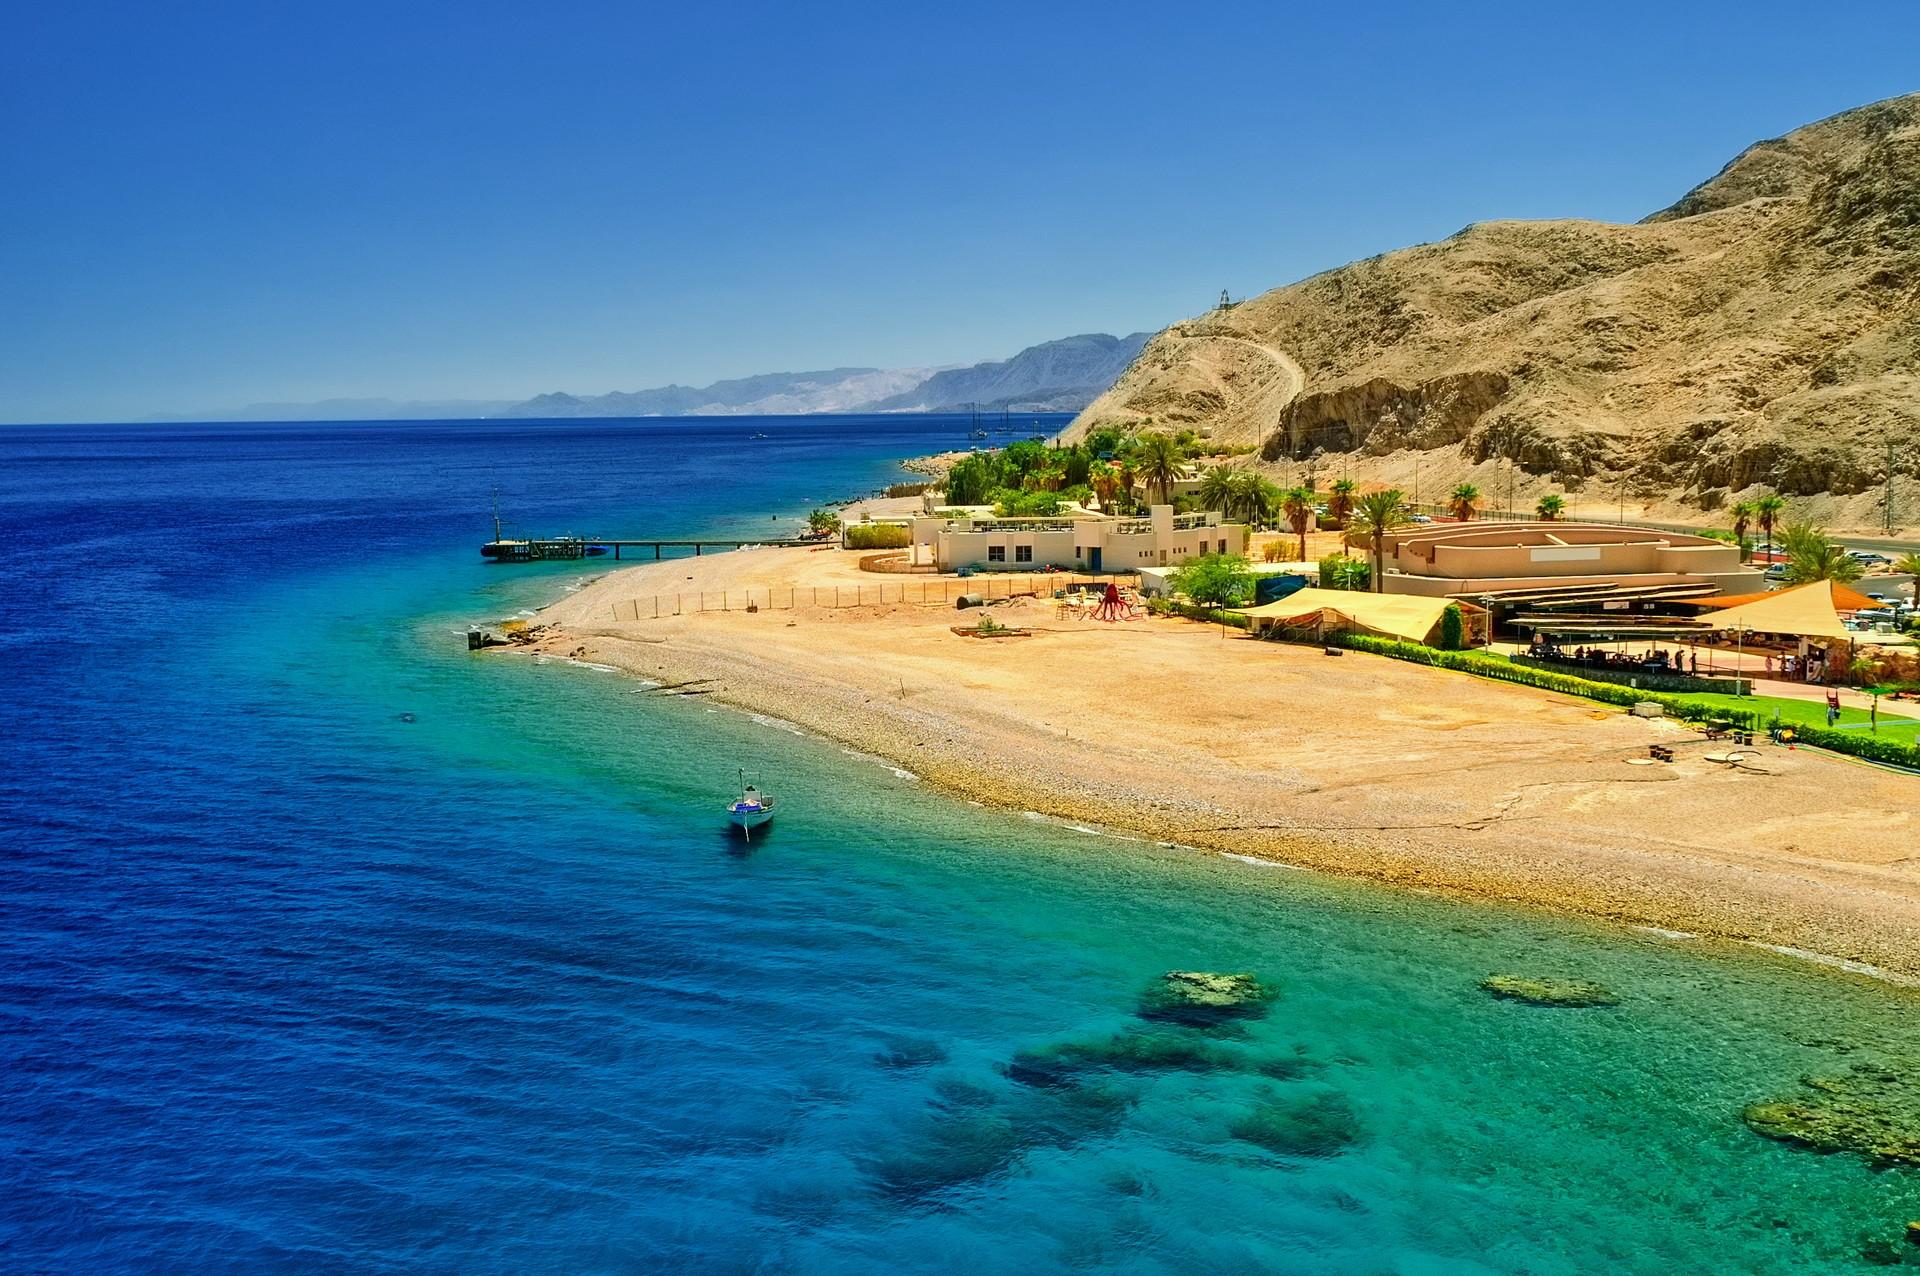 The Red Sea, Jordan